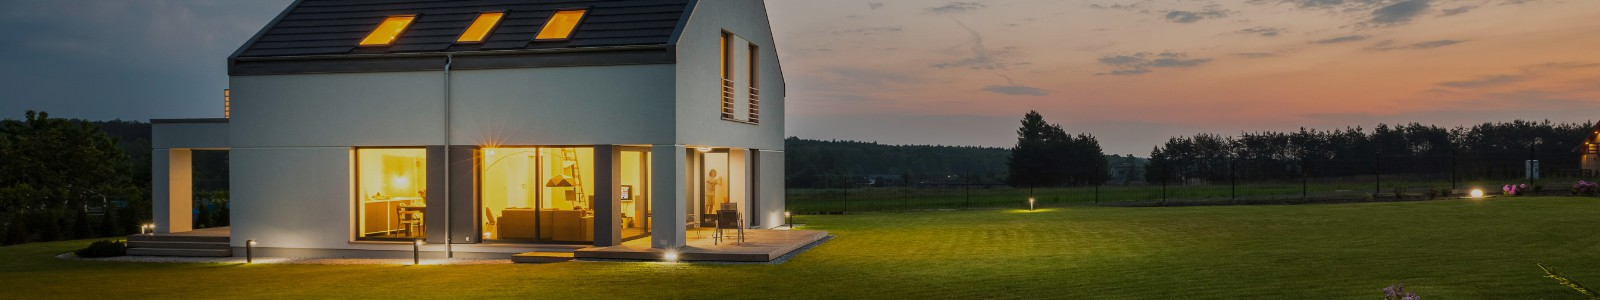 Projekty Domów na Wąską Działkę | Estetyka i Wygoda